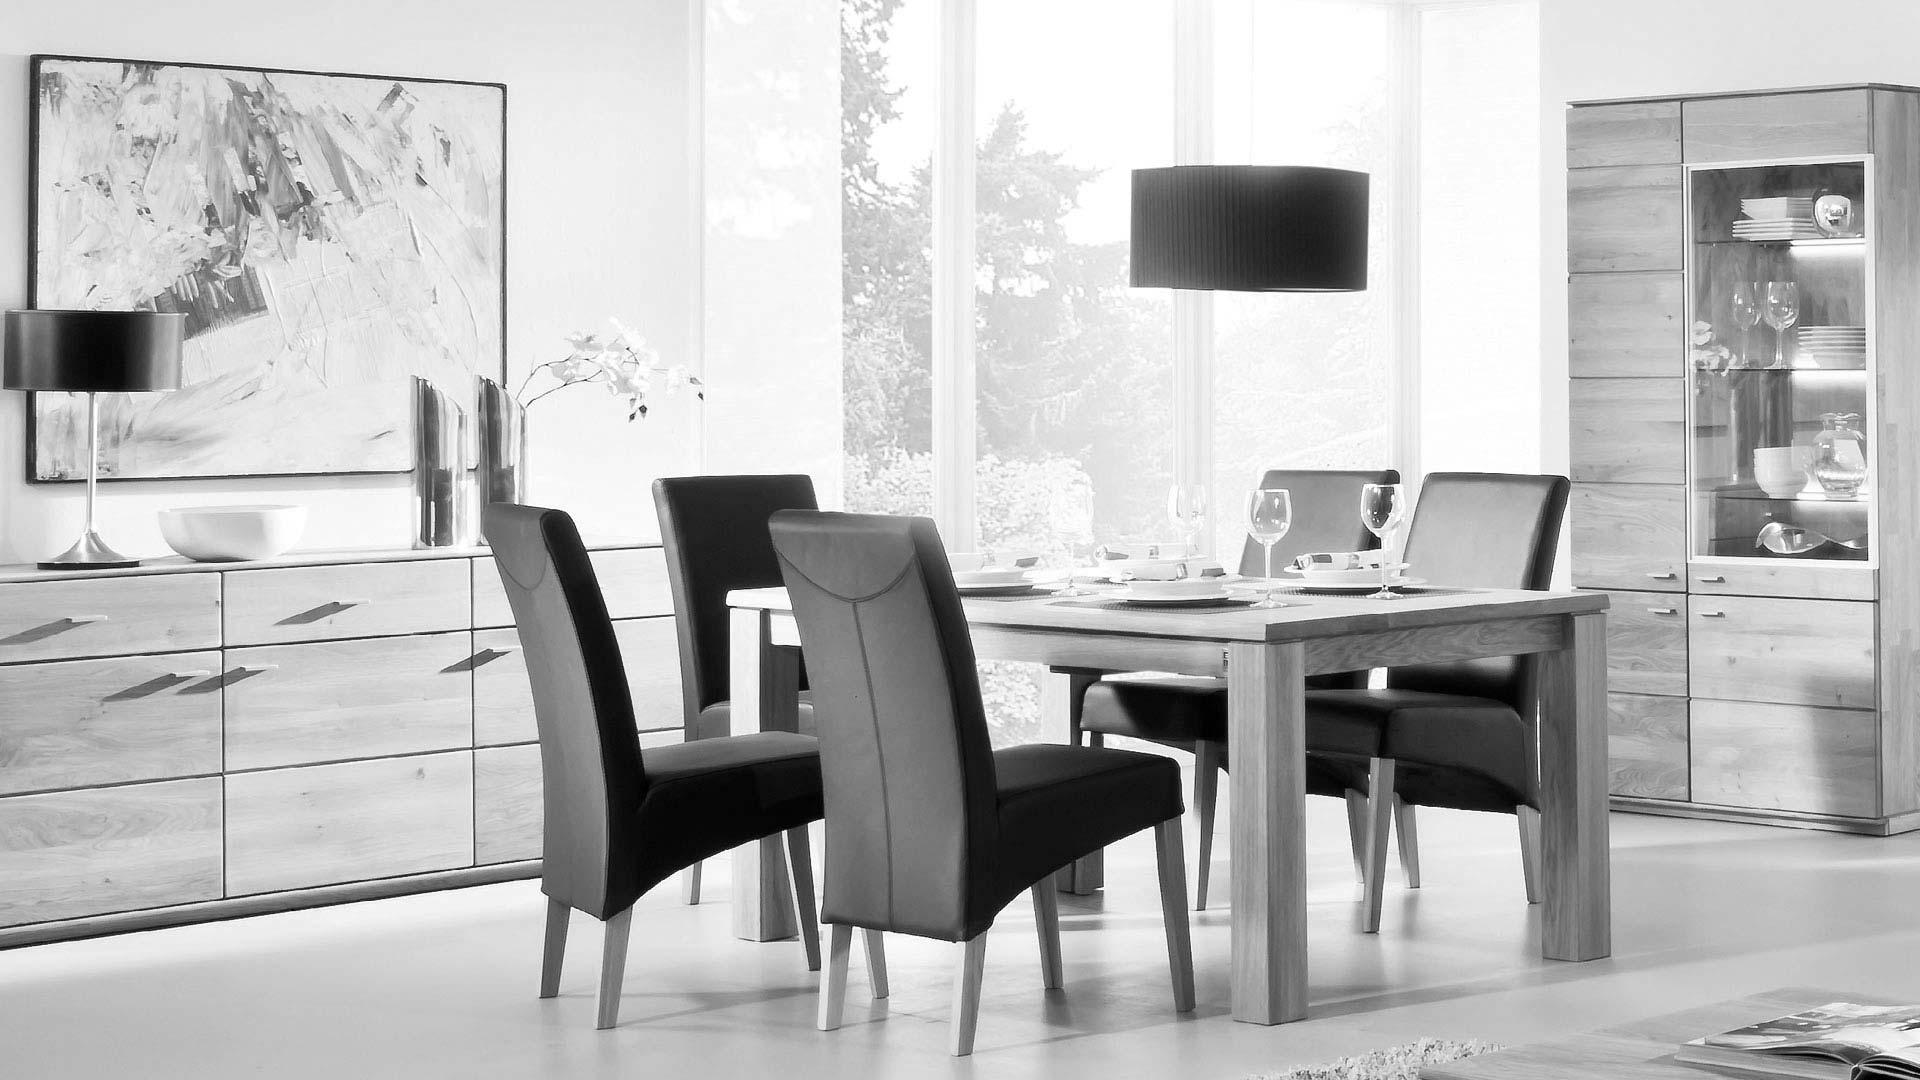 Polsterwelt Schmandt Präsentiert Möbel Von Europa Möbel In Bonn Nahe